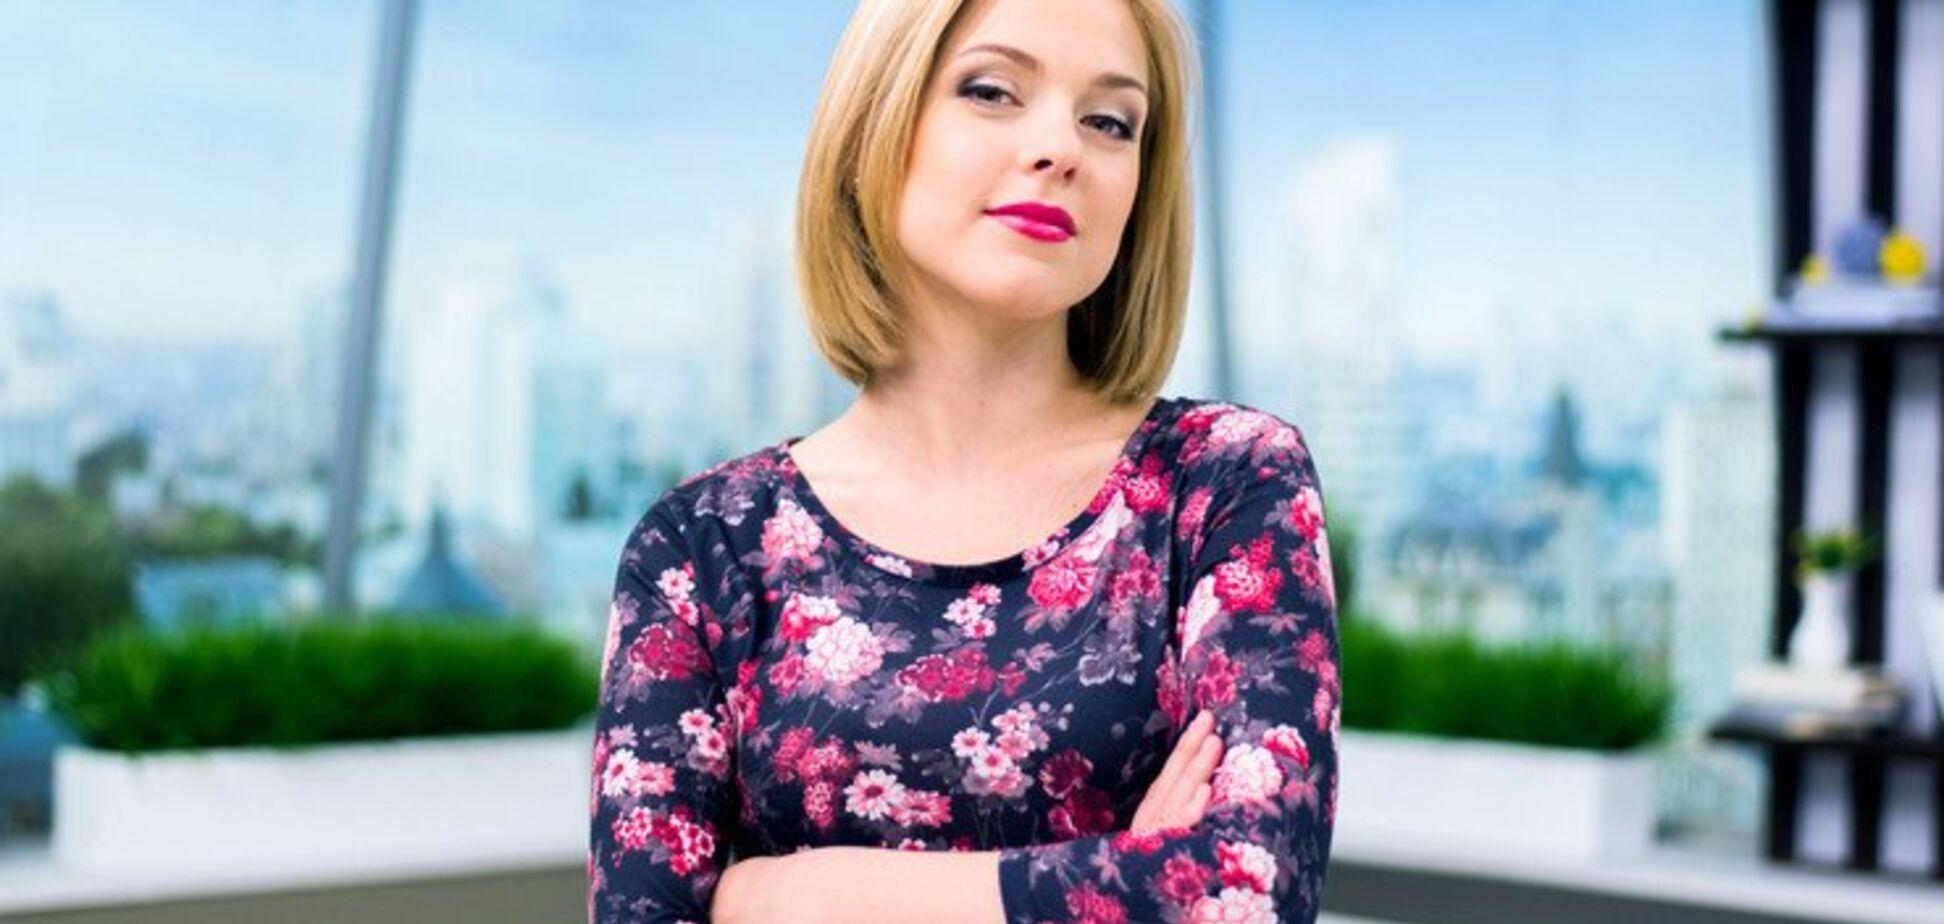 Украинская телеведущая разделась для Playboy: горячие фото